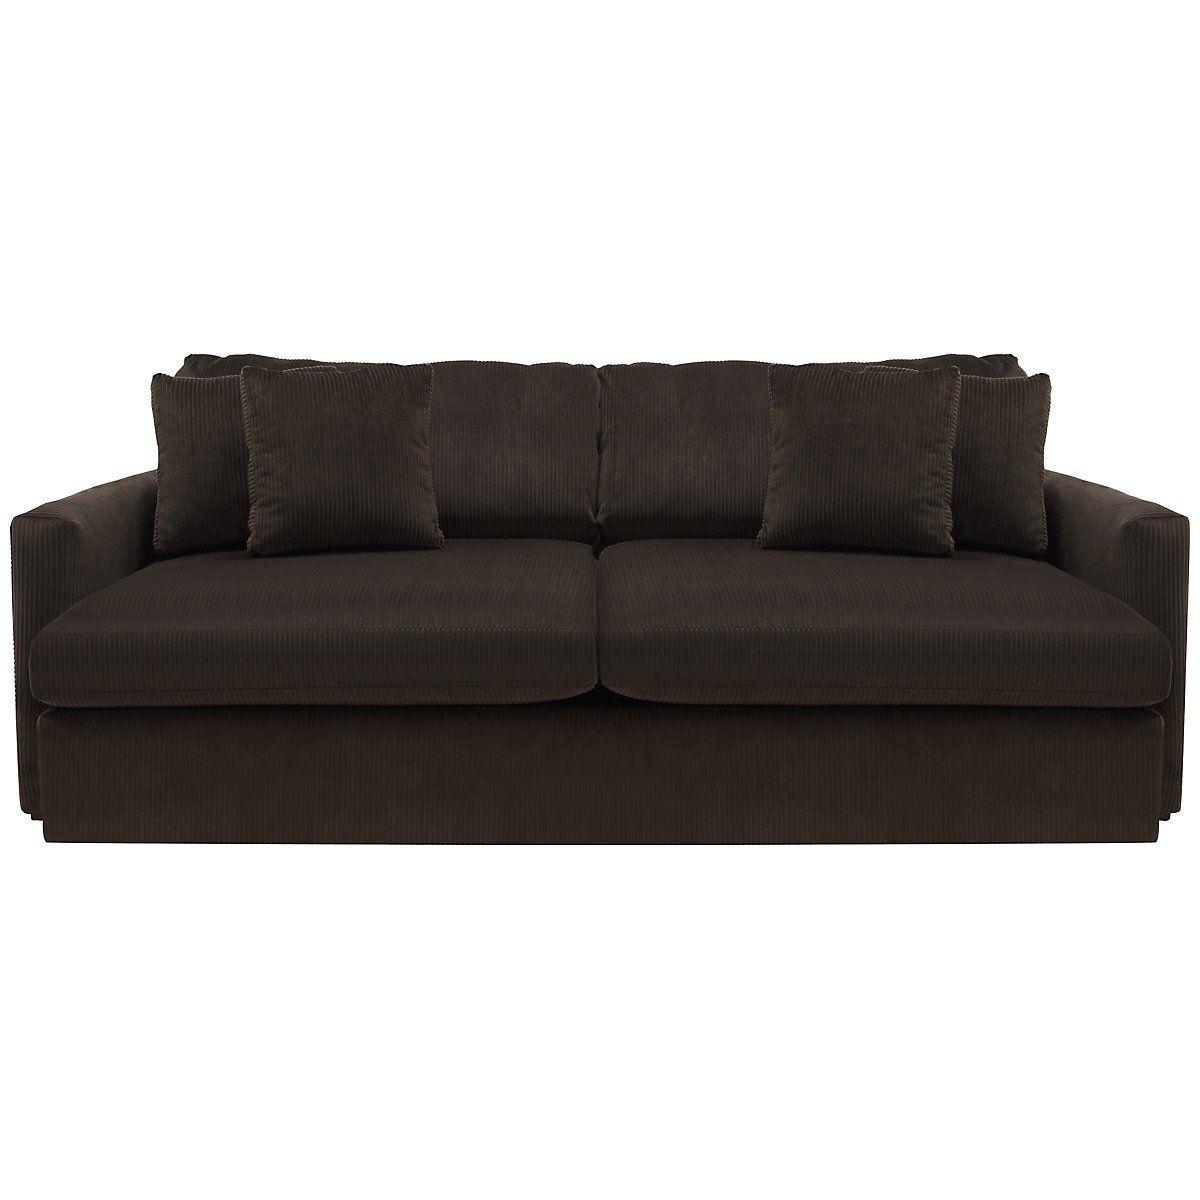 Tara2 Dark Brown Microfiber Sofa Sofa Microfiber Sofa Living Room Sofa